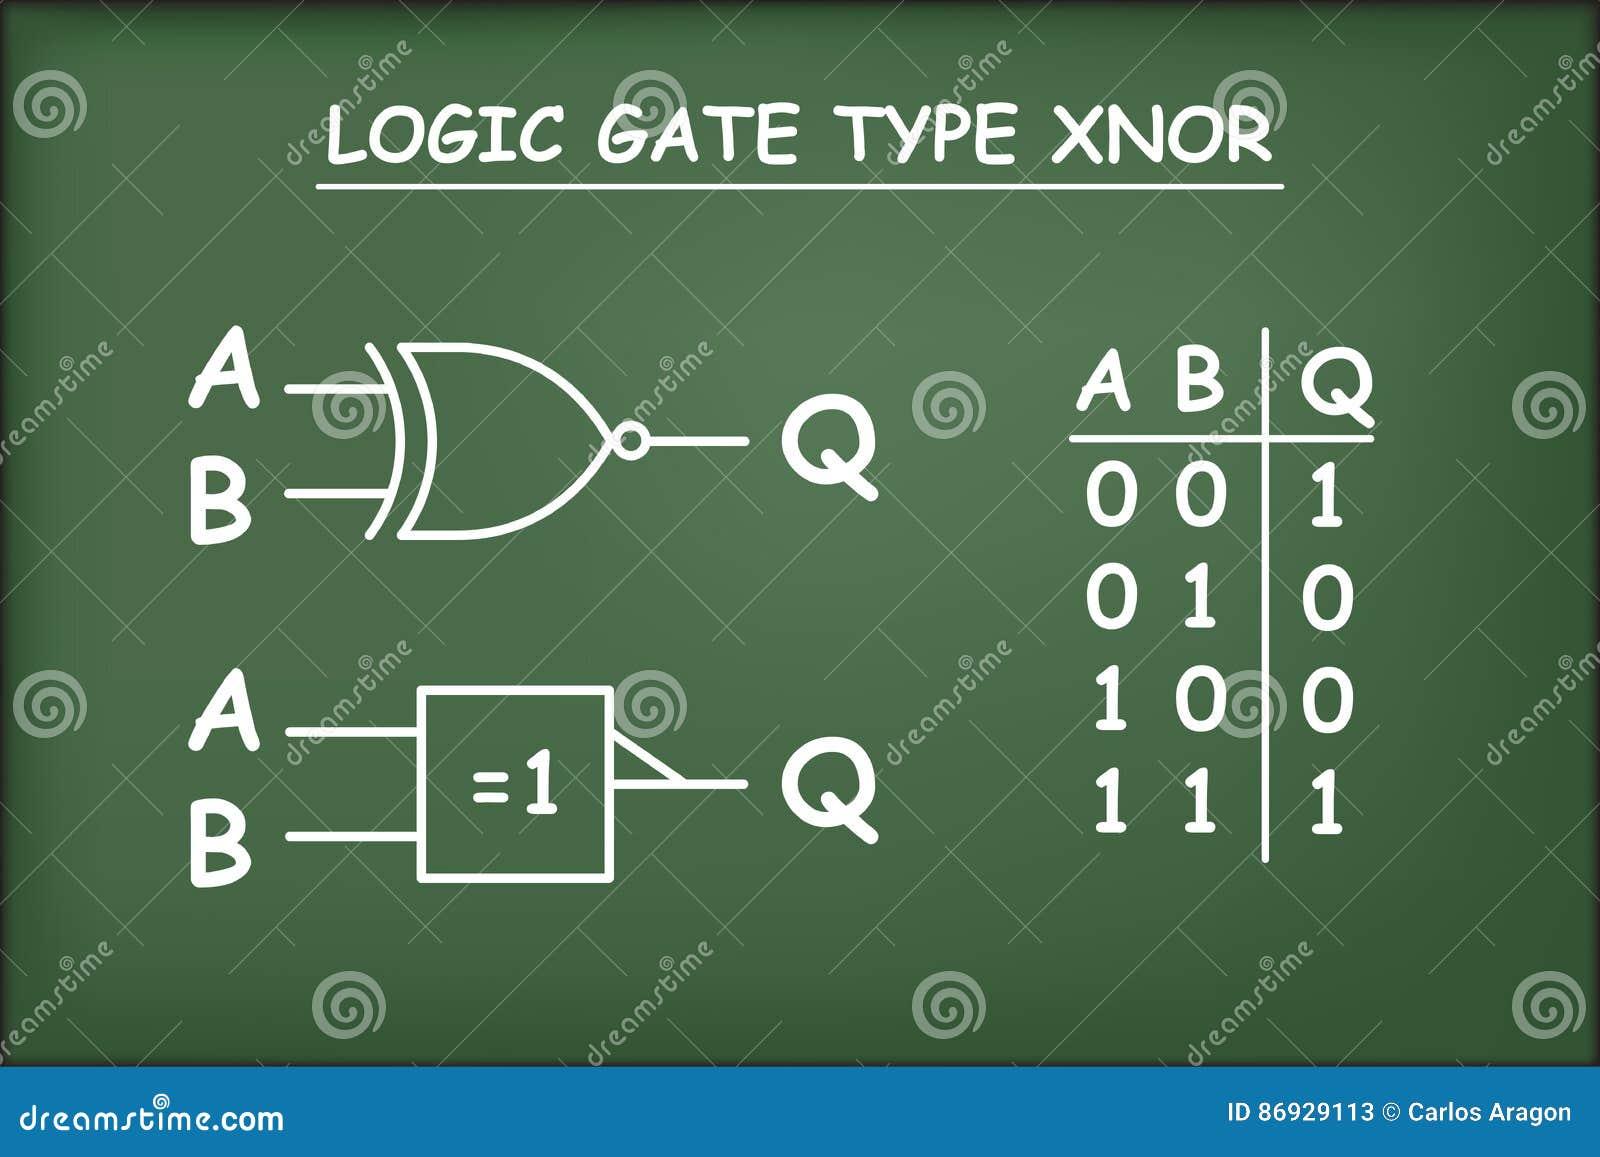 Circuito Xnor : Tipo de la puerta de lógica en la pizarra del verde de xnor